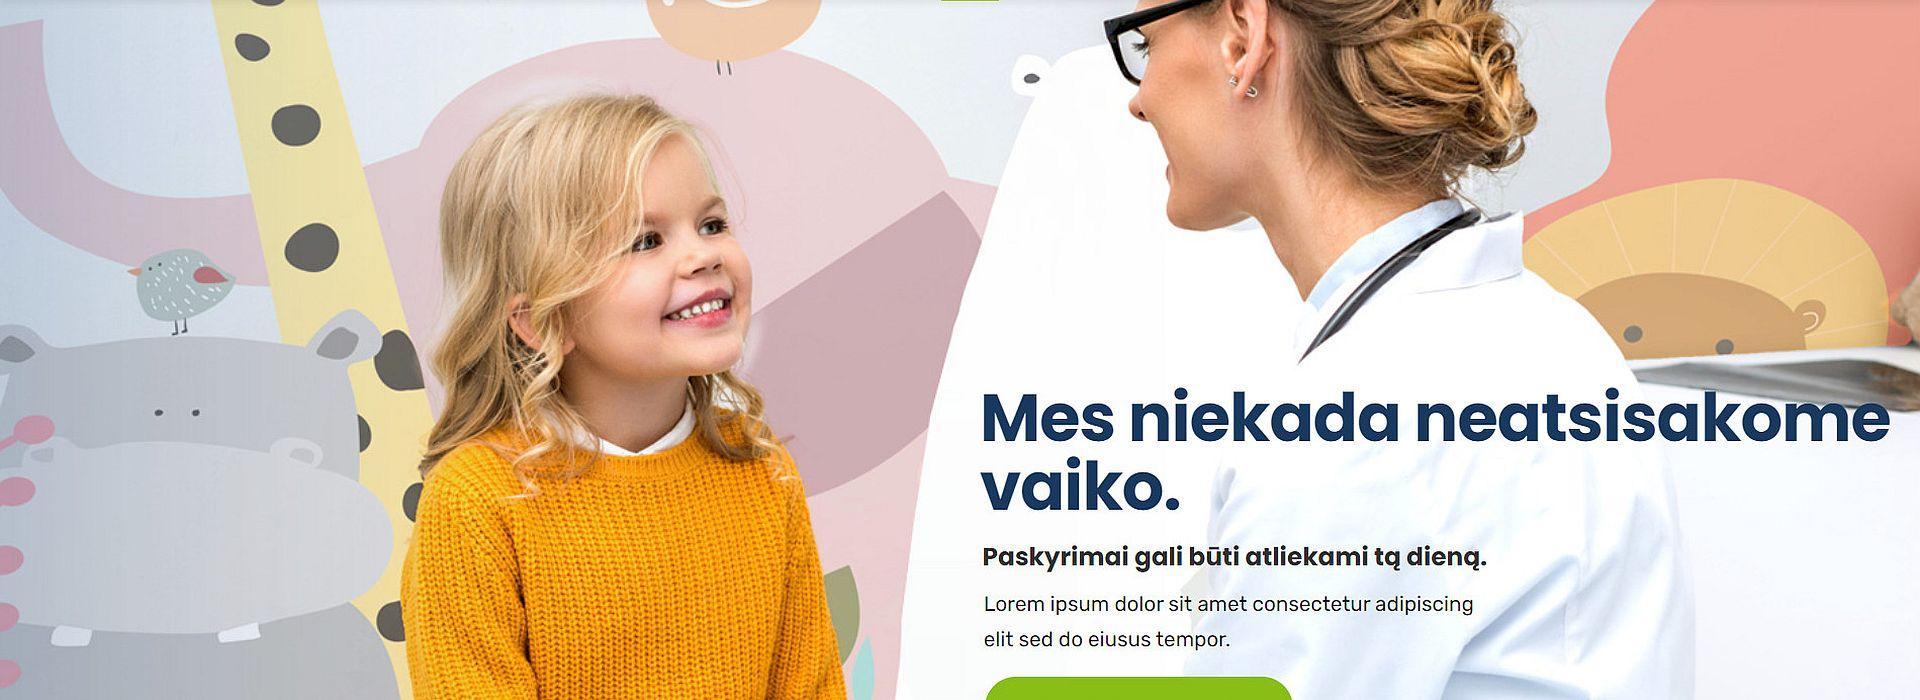 Medicinos įstaigų internetinių svetainių kūrimas slaid